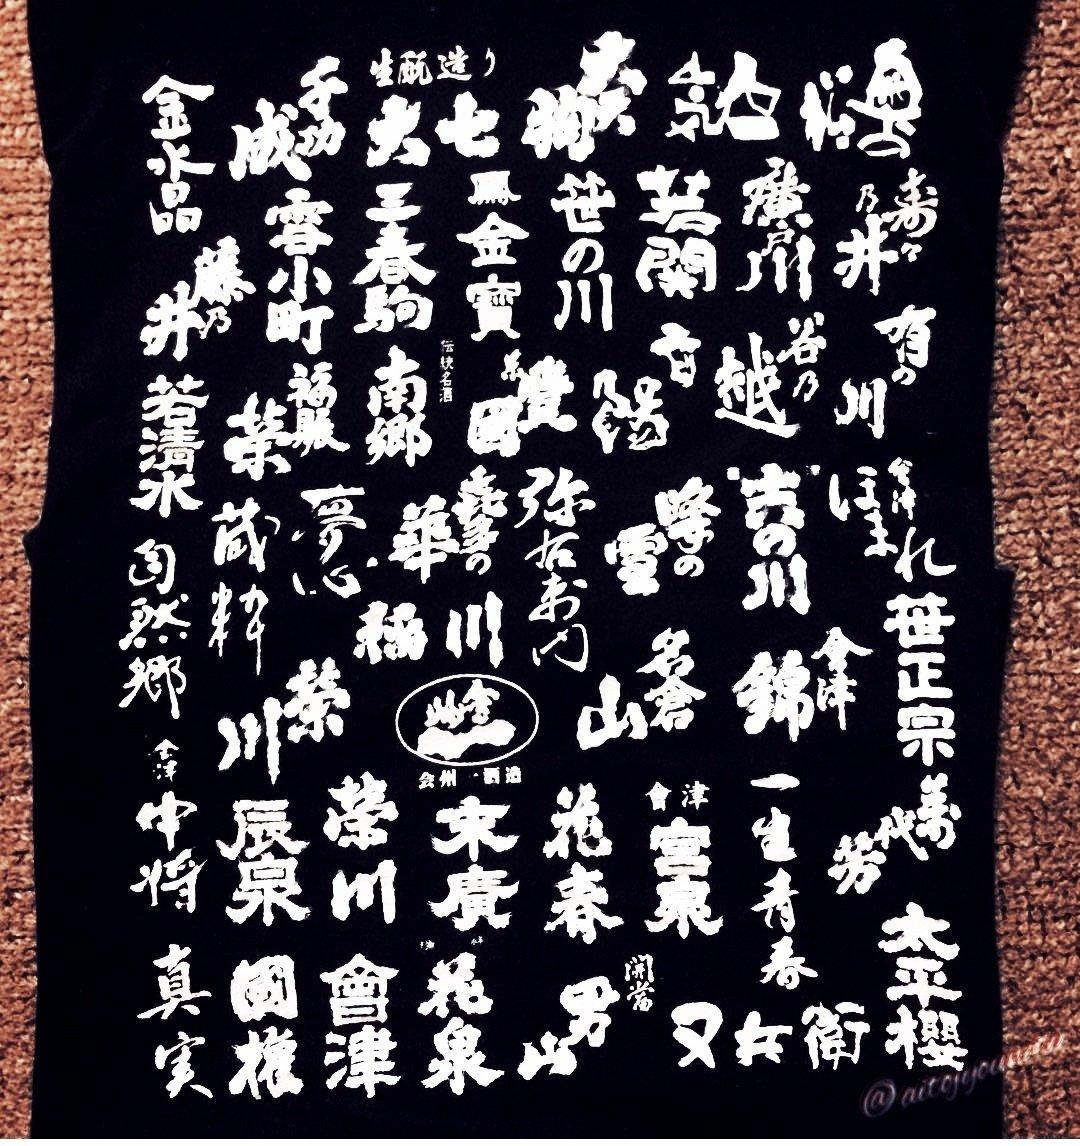 test ツイッターメディア - 福島県内の #日本酒 の酒蔵たち。現在は「男山酒造」も稼働していますので、プラスワンになっています。ということで、このTシャツを製造・販売されている業者の方ー!更新・再販お願いします!!因みに、このTシャツは郡山駅前の「おみやげ館」「福島空港」での販売を確認しています🙆✨#福島を知って https://t.co/wqGm7c4iDp